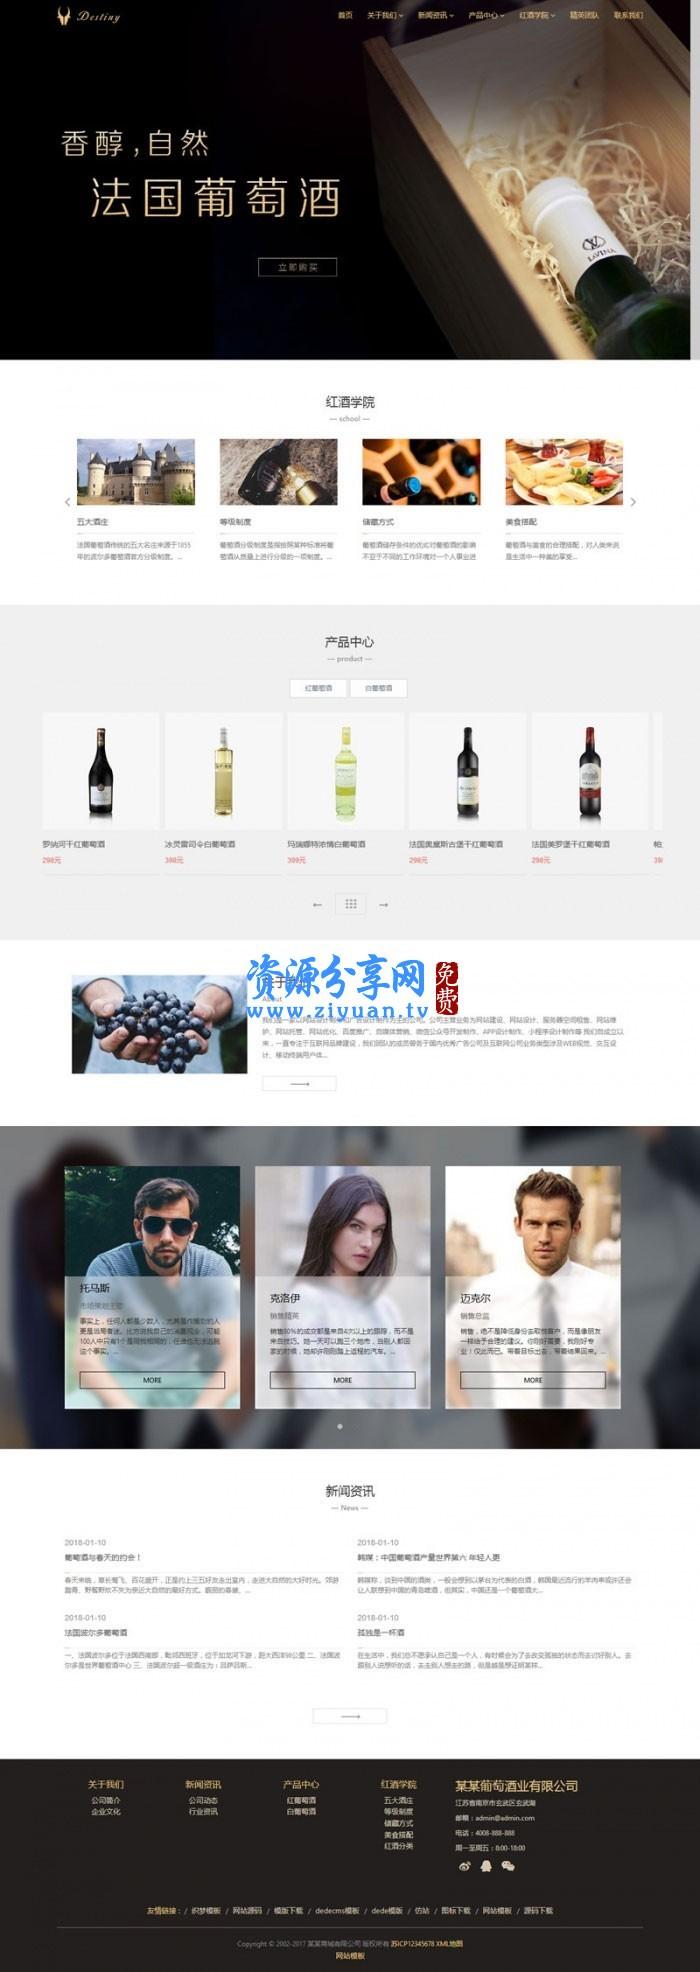 织梦 dedecms 响应式酒业食品葡萄酒公司网站模板